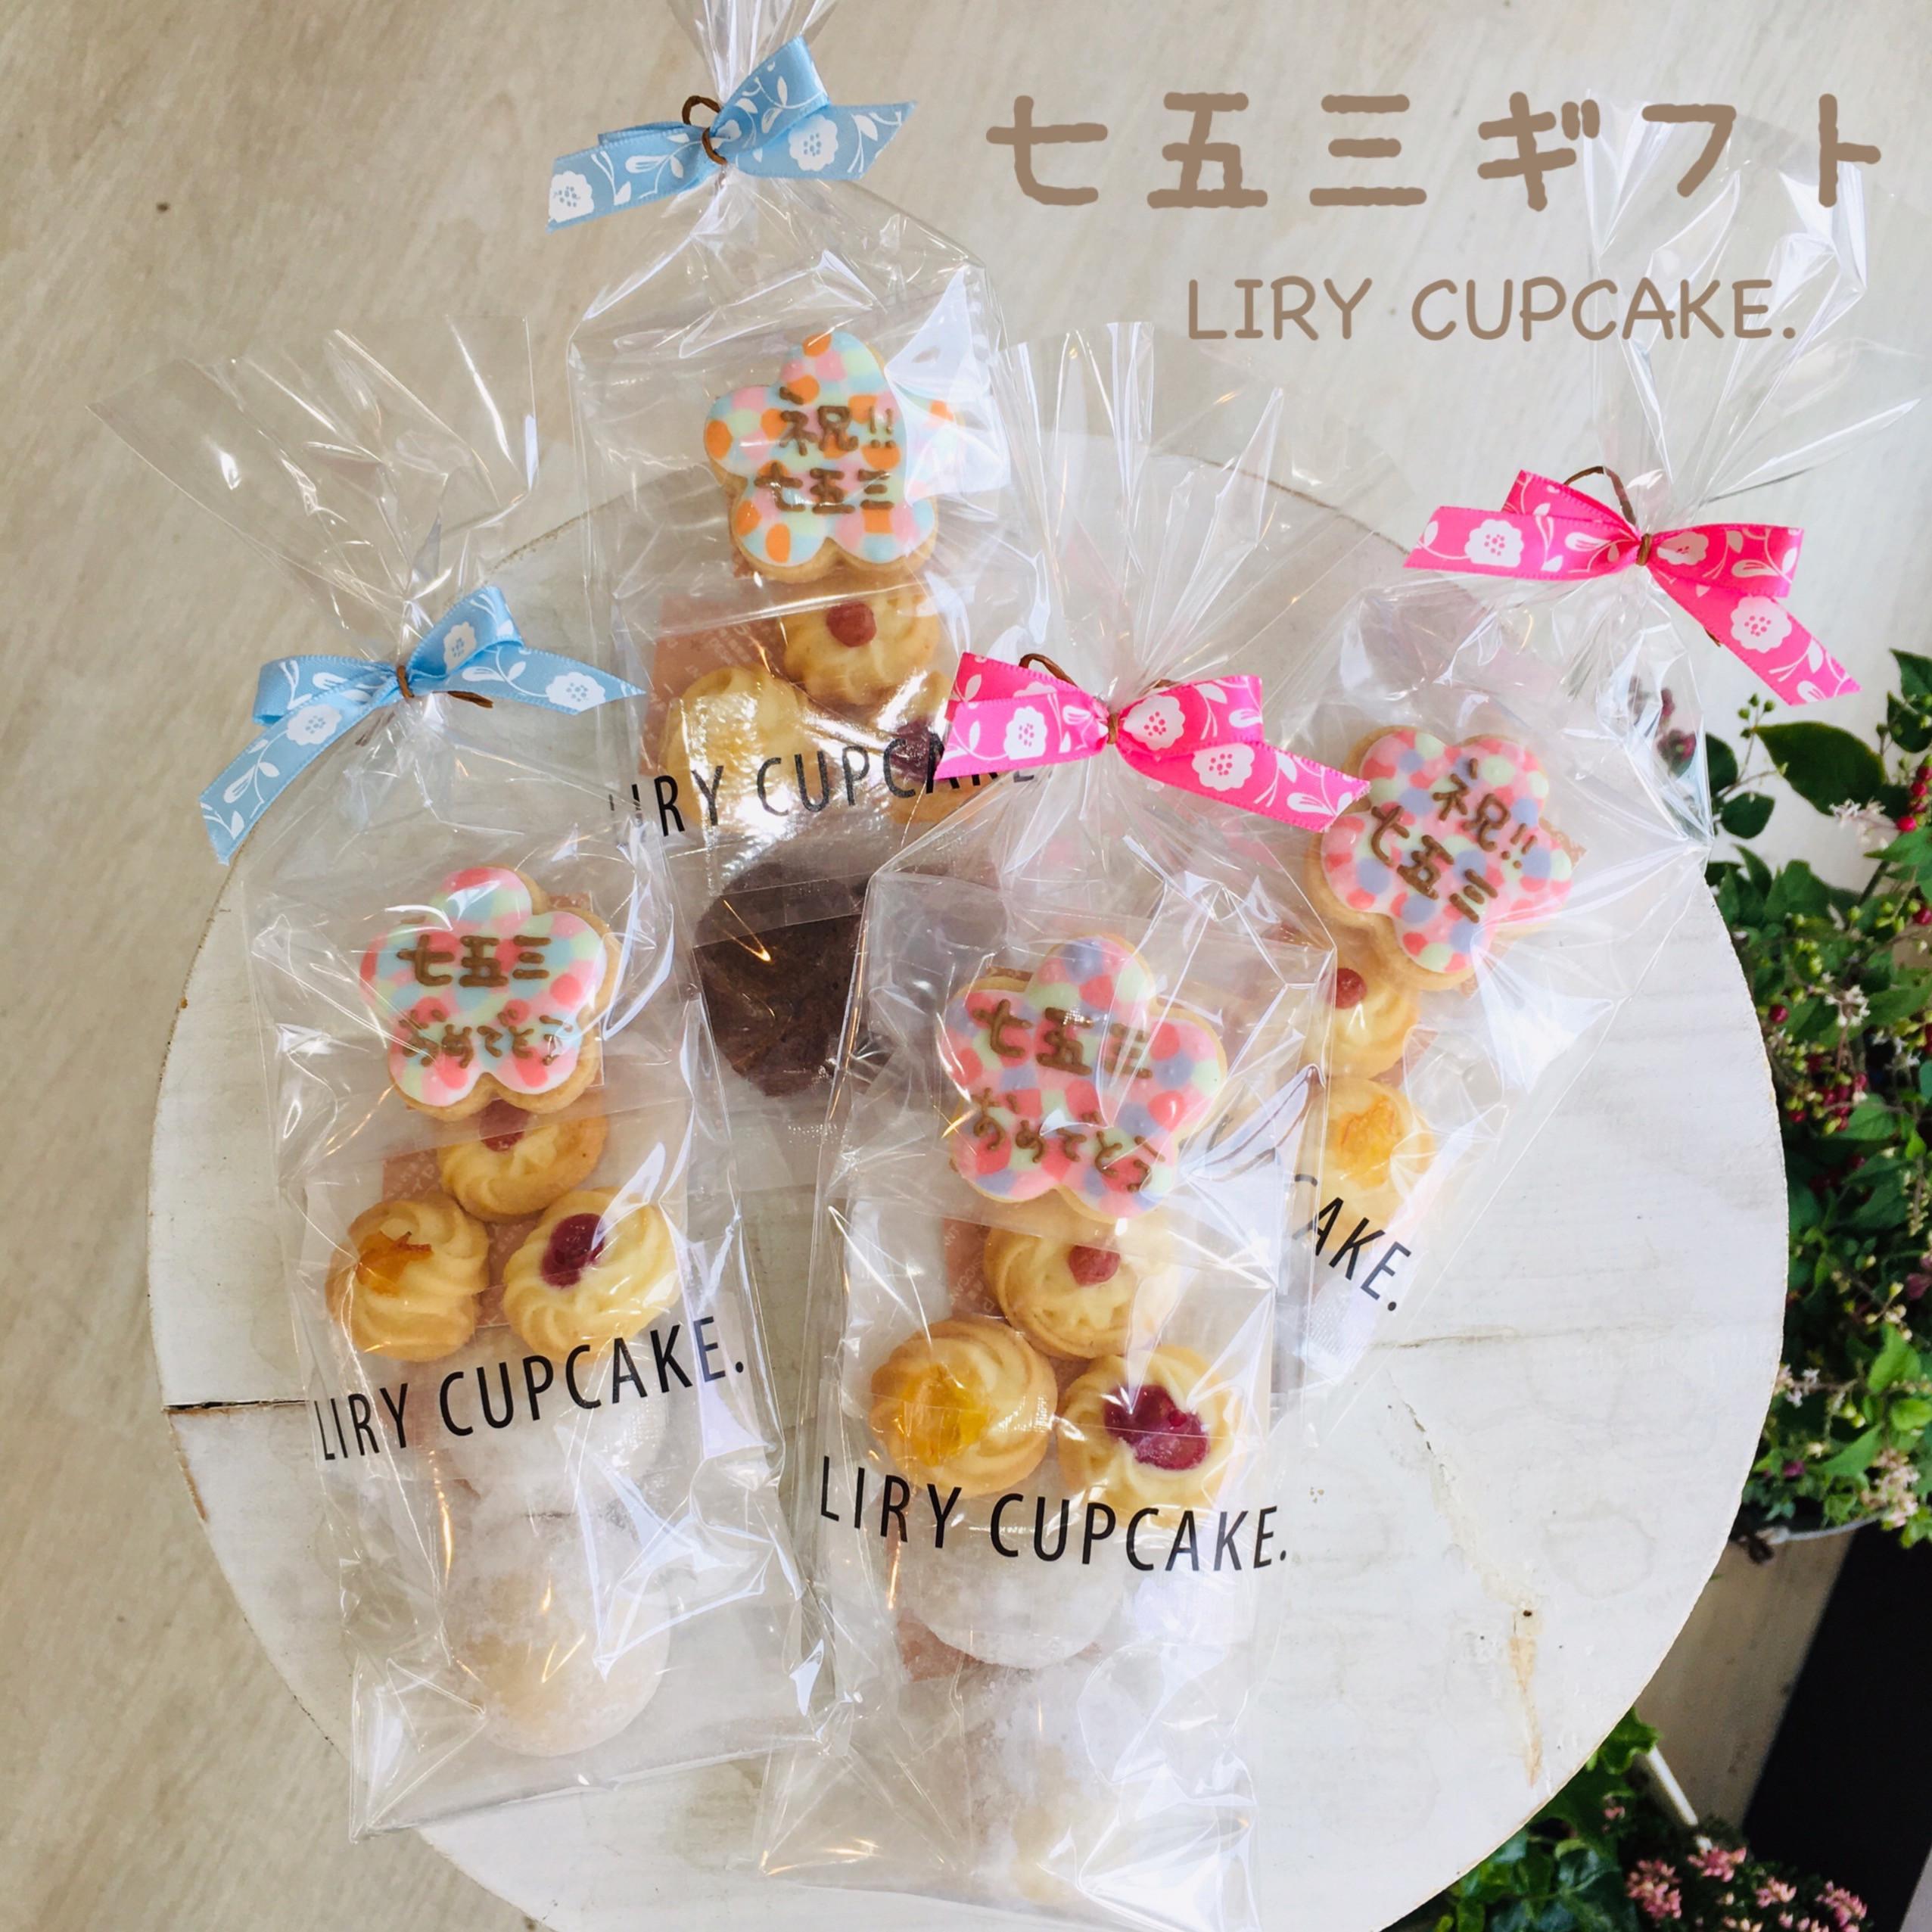 お花のデザインに 七五三メッセージ入りのアイシングクッキー おすすめ焼菓子と一緒に♪ ¥400>